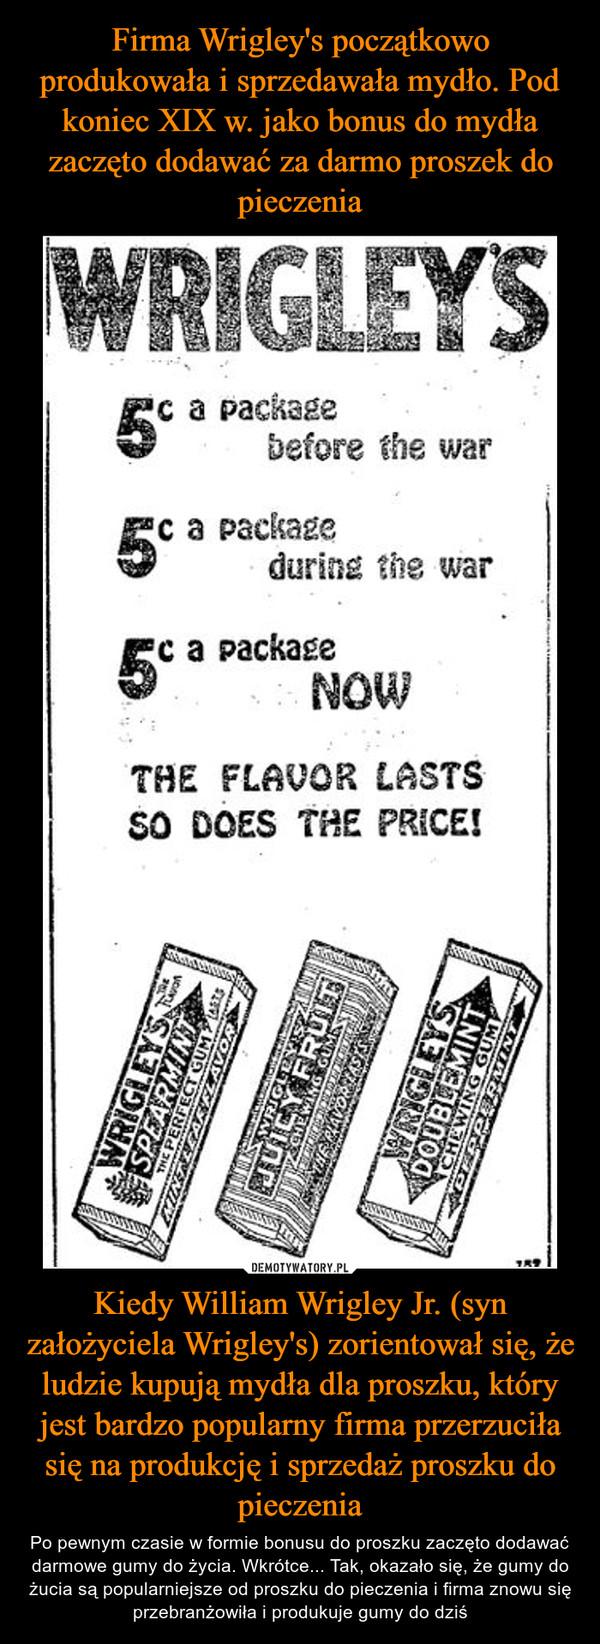 Kiedy William Wrigley Jr. (syn założyciela Wrigley's) zorientował się, że ludzie kupują mydła dla proszku, który jest bardzo popularny firma przerzuciła się na produkcję i sprzedaż proszku do pieczenia – Po pewnym czasie w formie bonusu do proszku zaczęto dodawać darmowe gumy do życia. Wkrótce... Tak, okazało się, że gumy do żucia są popularniejsze od proszku do pieczenia i firma znowu się przebranżowiła i produkuje gumy do dziś